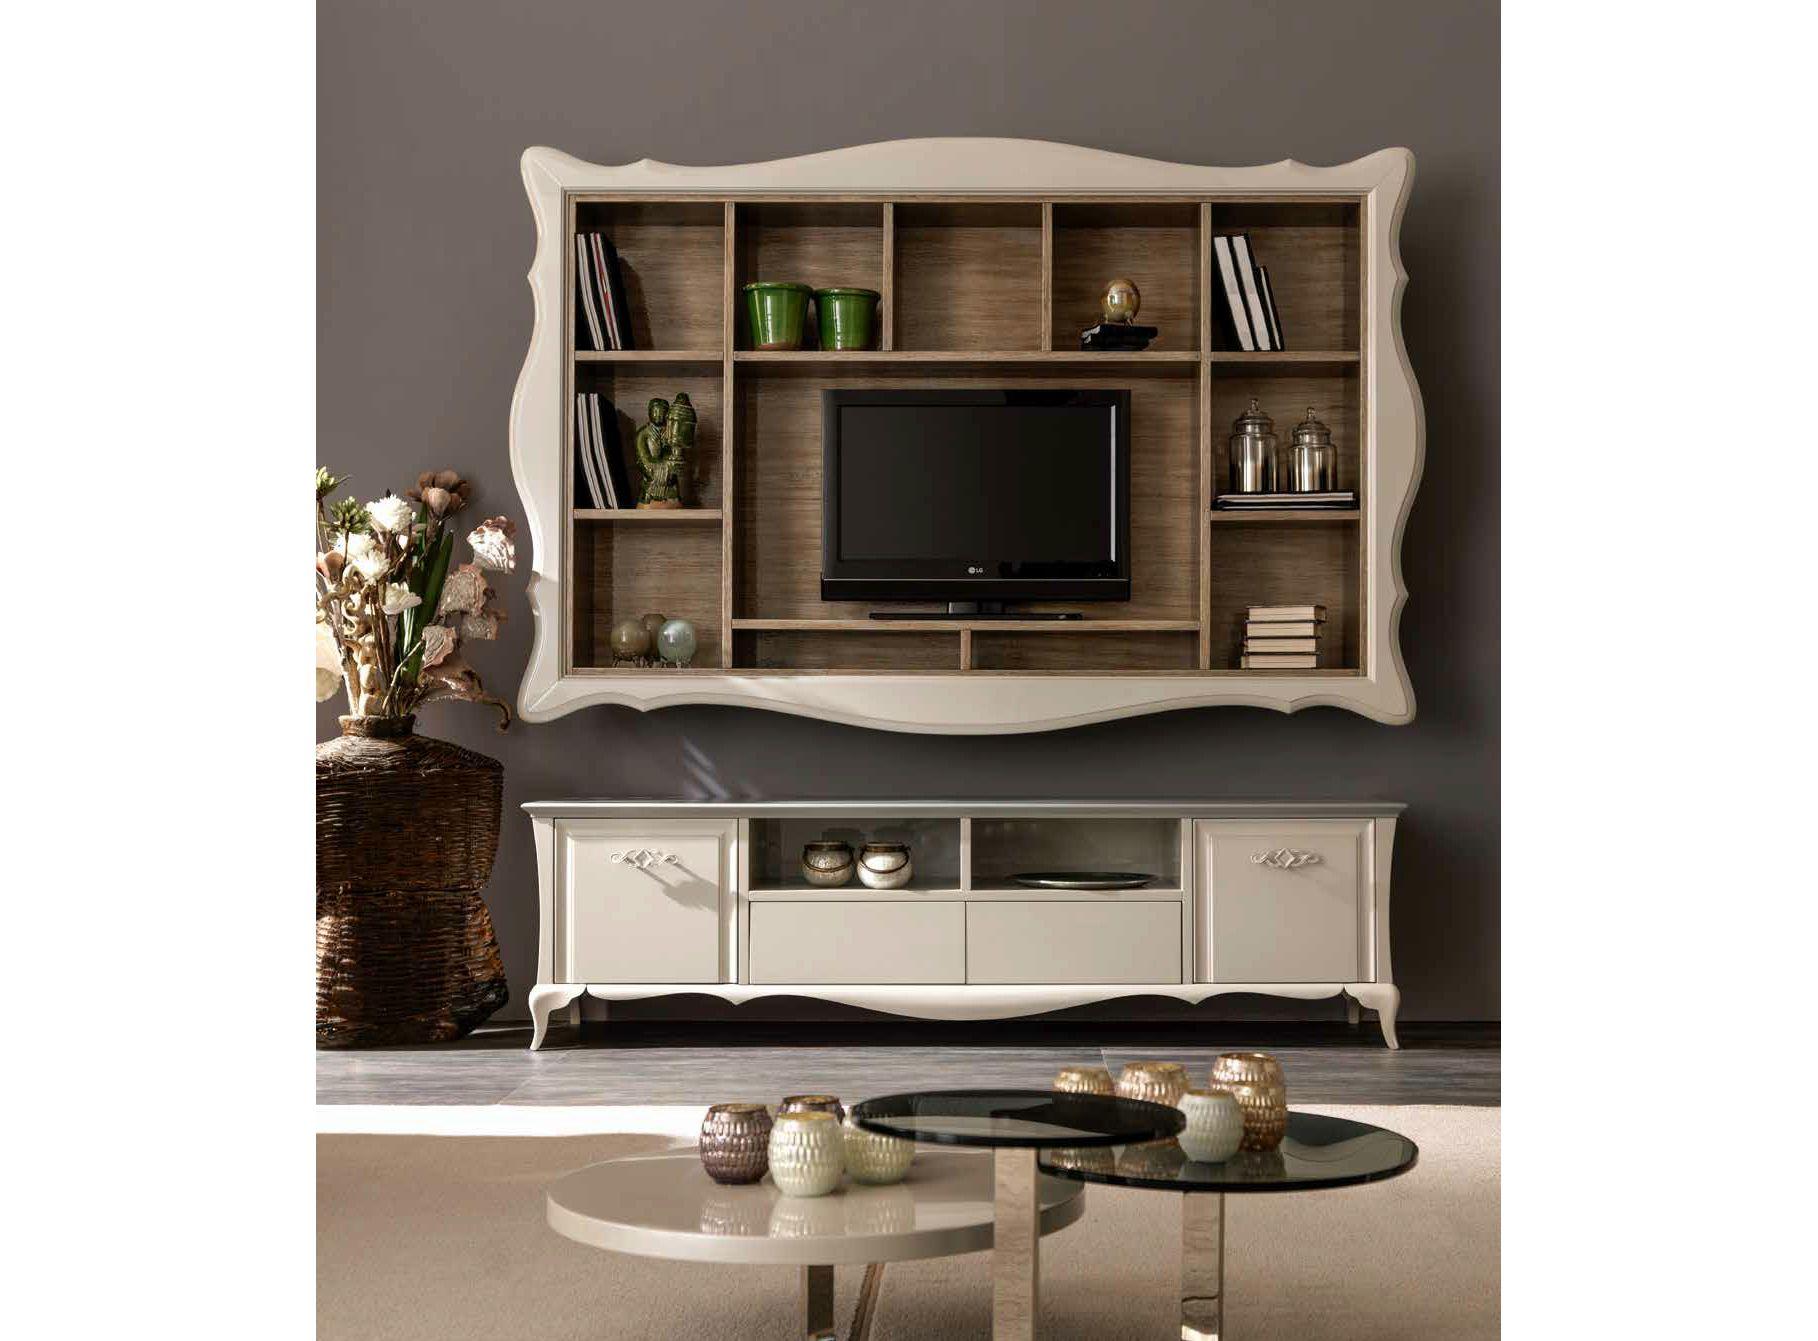 Alice mueble modular de pared con soporte para tv by cortezari - Porta dvd da parete ...